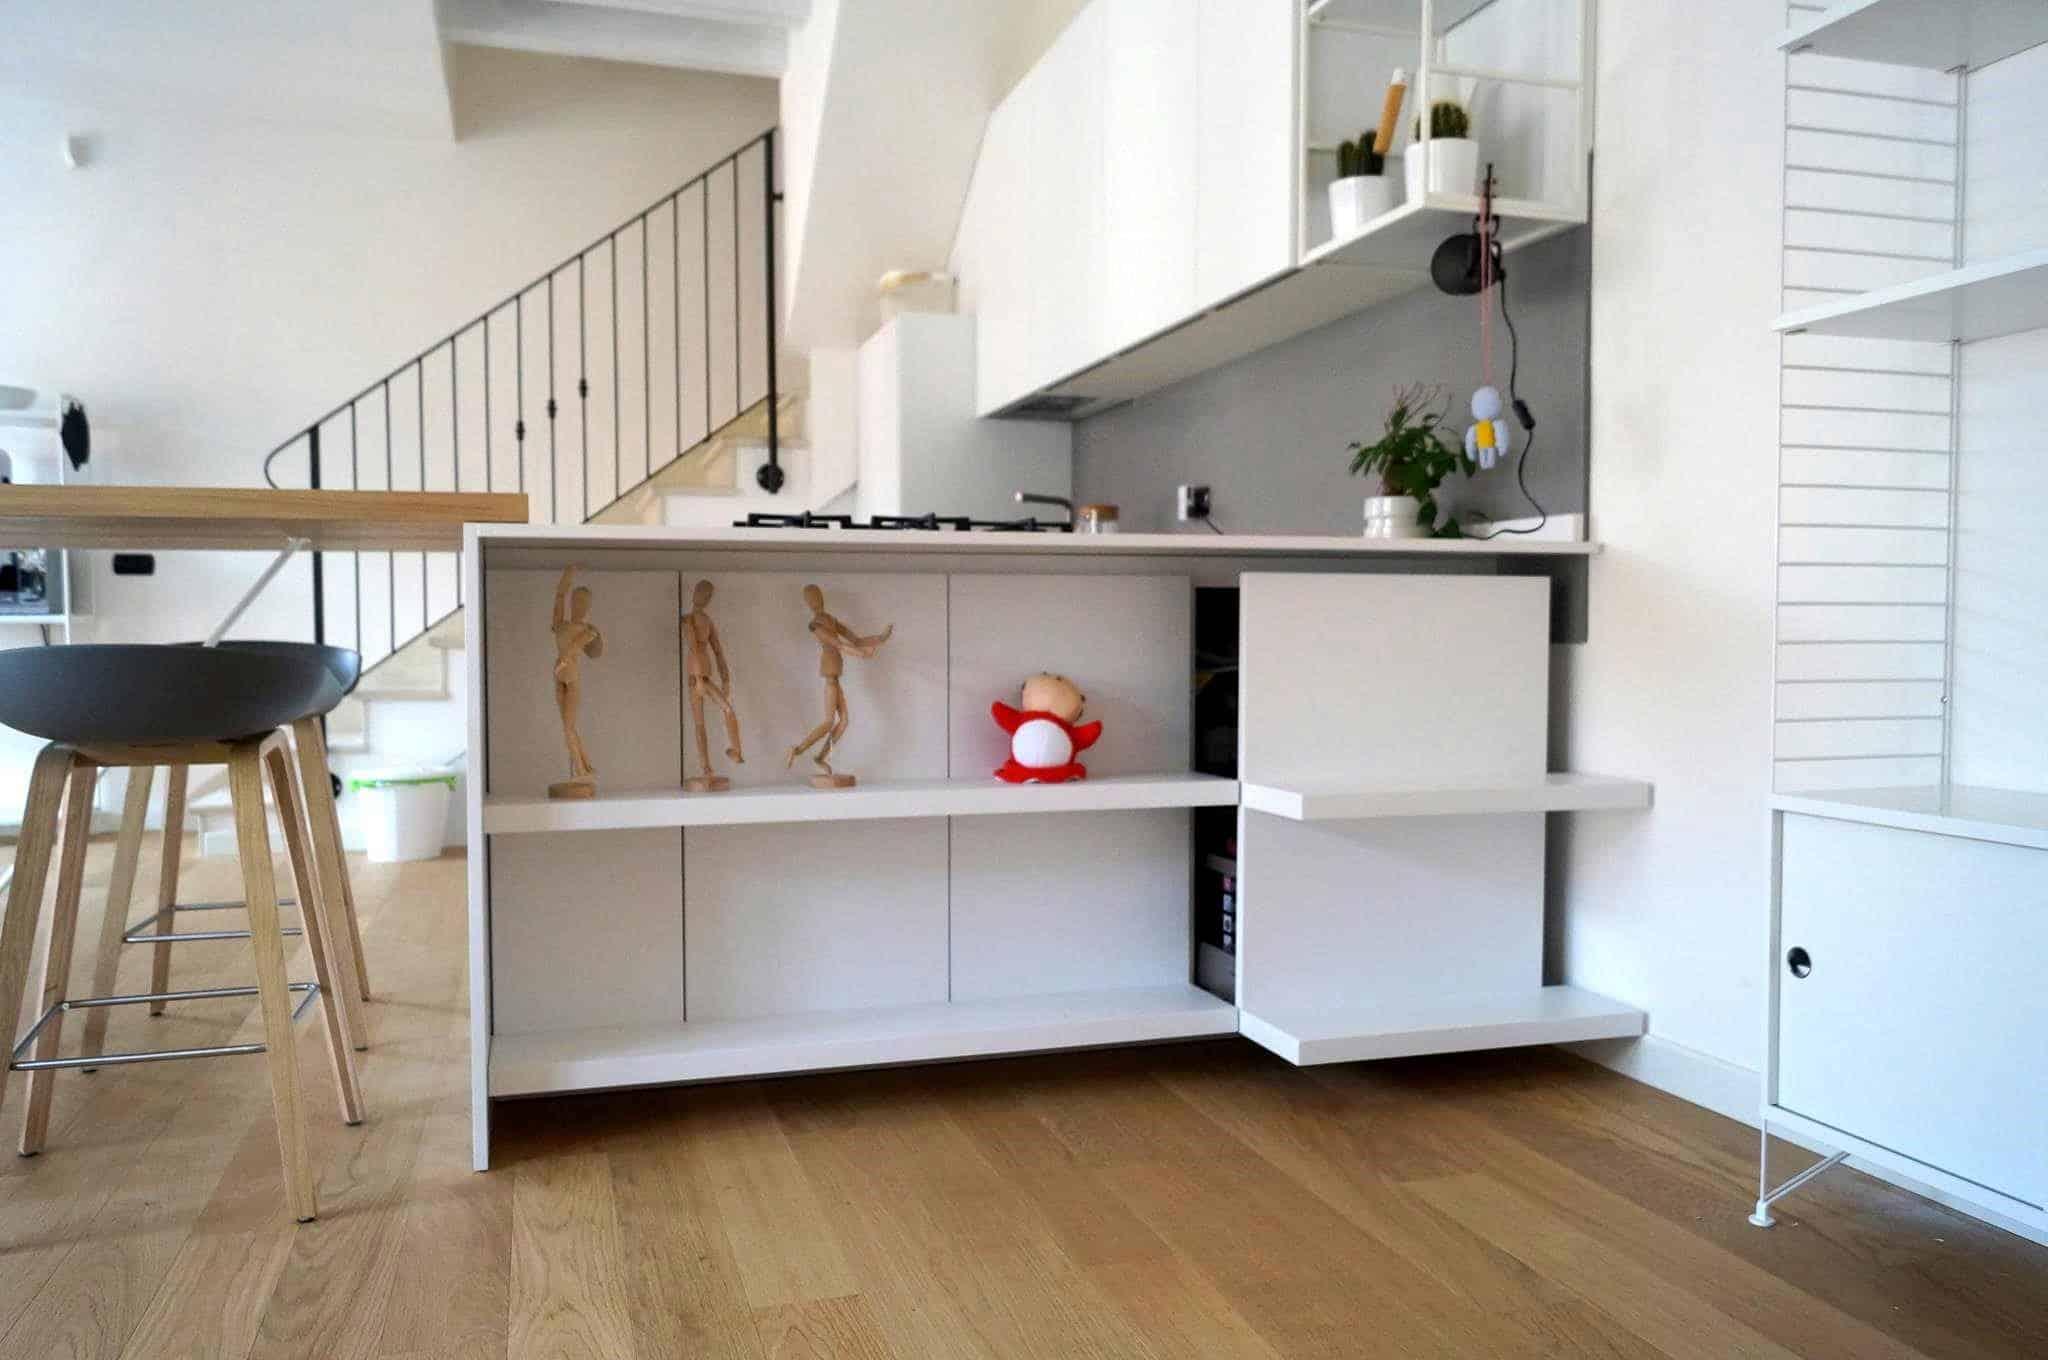 Penisola in cucina un bancone snack con gamboni da sogno - Idee per la cucina moderna ...